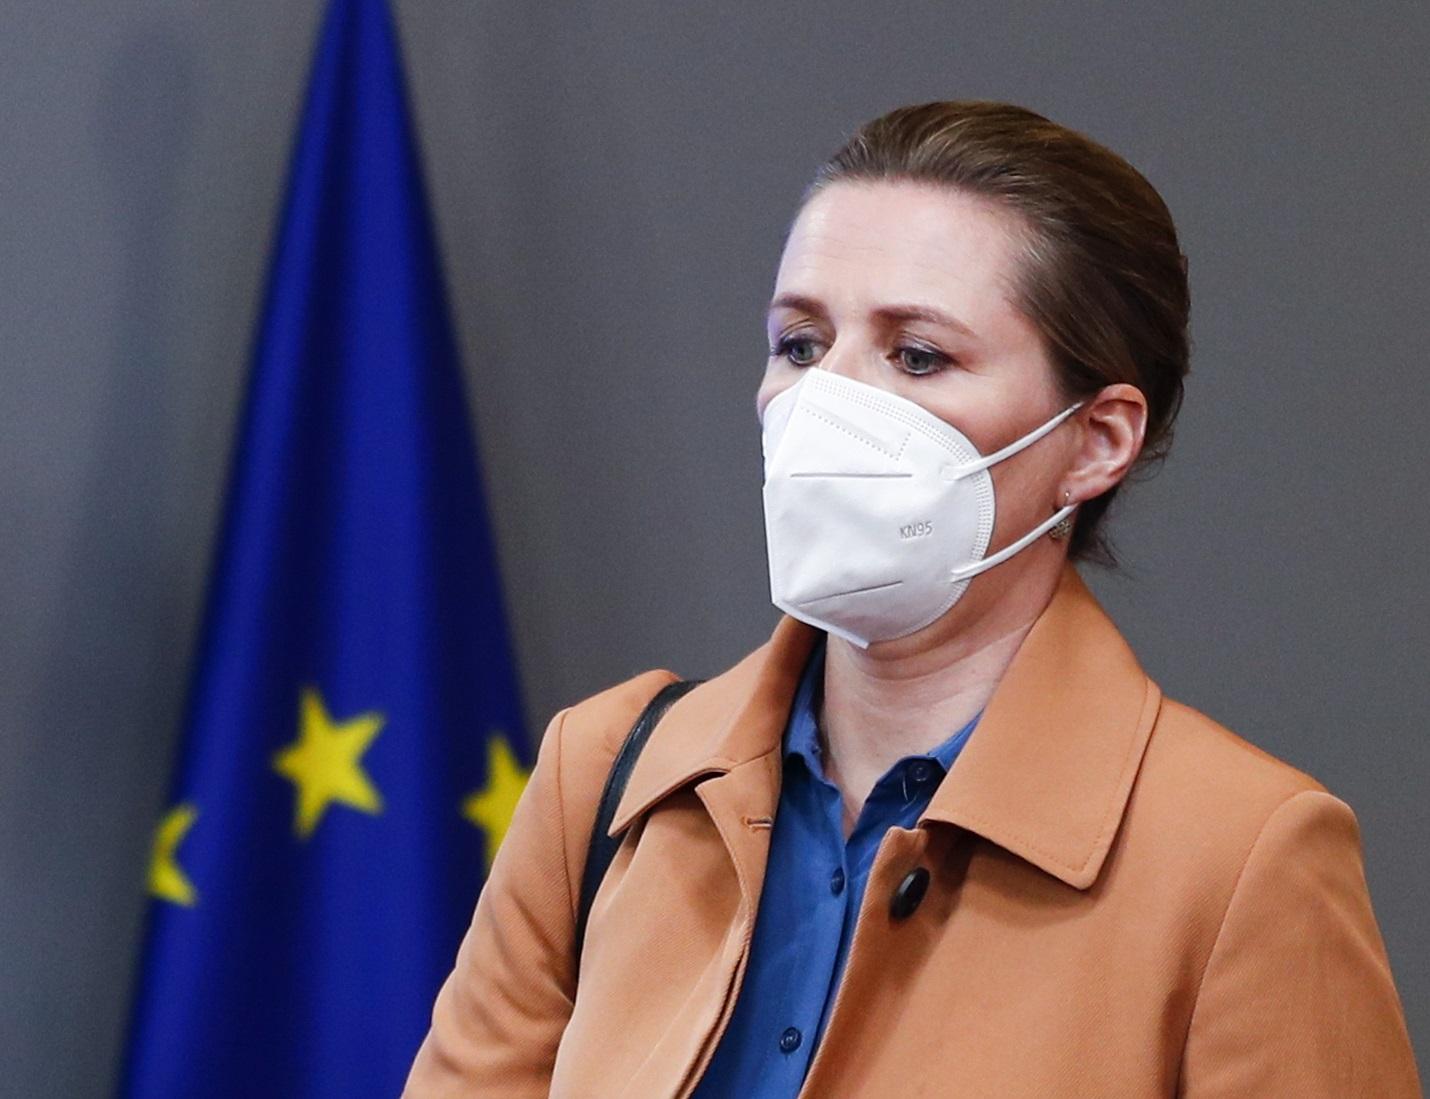 Danija ginasi po kaltinimų šnipinėjimu: santykiai su sąjungininkėmis yra geri